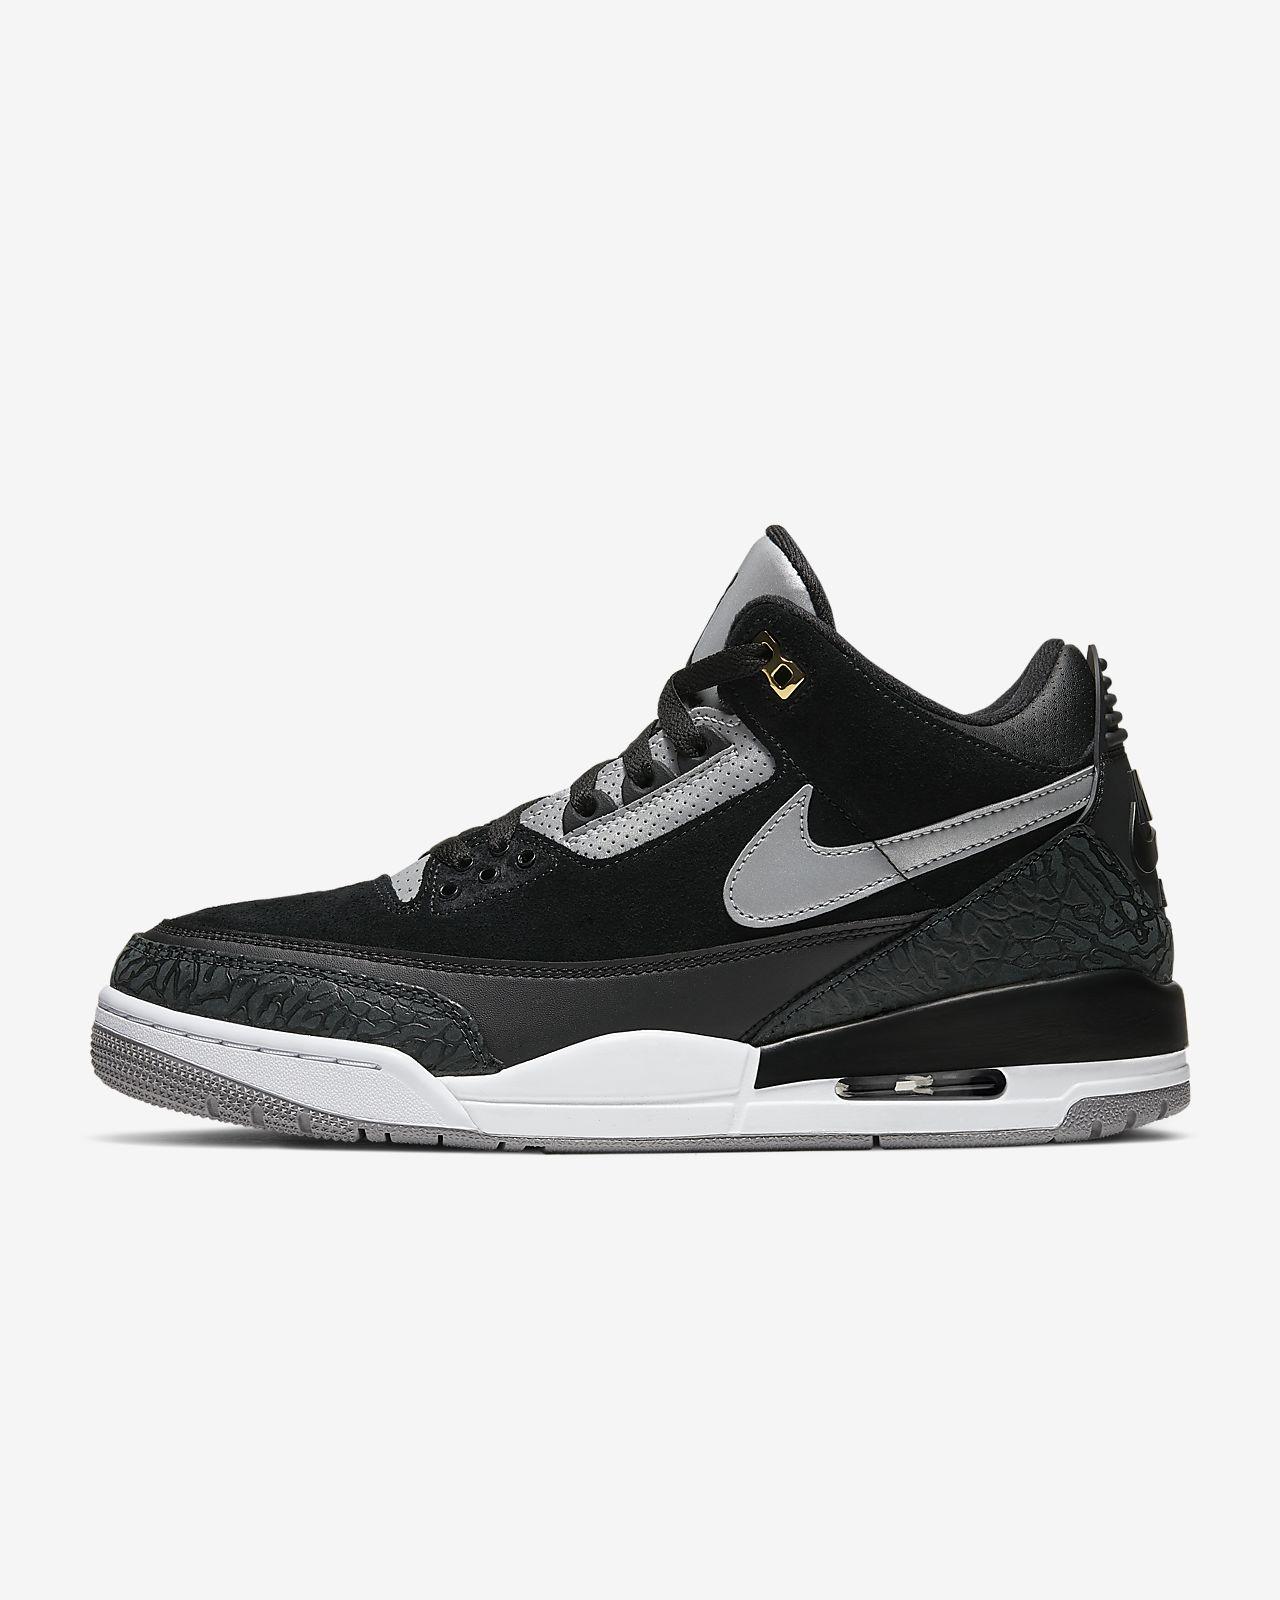 Air Jordan 3 Retro TH 复刻男子运动鞋